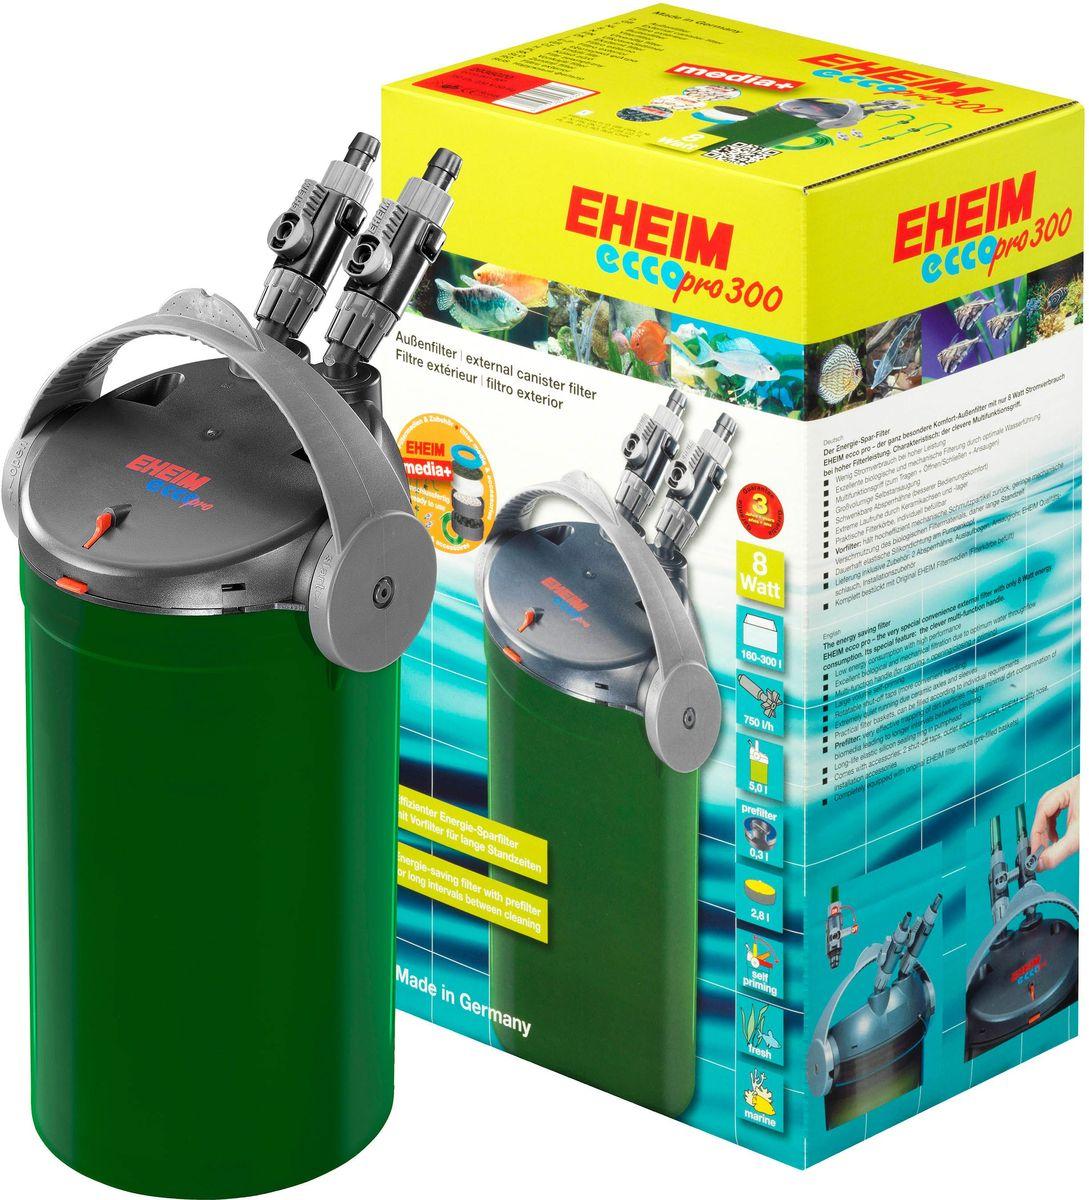 Фильтр внешний Eheim Eccopro 3002036020Проста в использовании и очень низкое энергопотребление. Оснащен контрольными и запорными клапанами, корзинами для наполнителей, предварительным фильтром и технологией автоматического всасывания, управляемой многофункциональным переключателем.